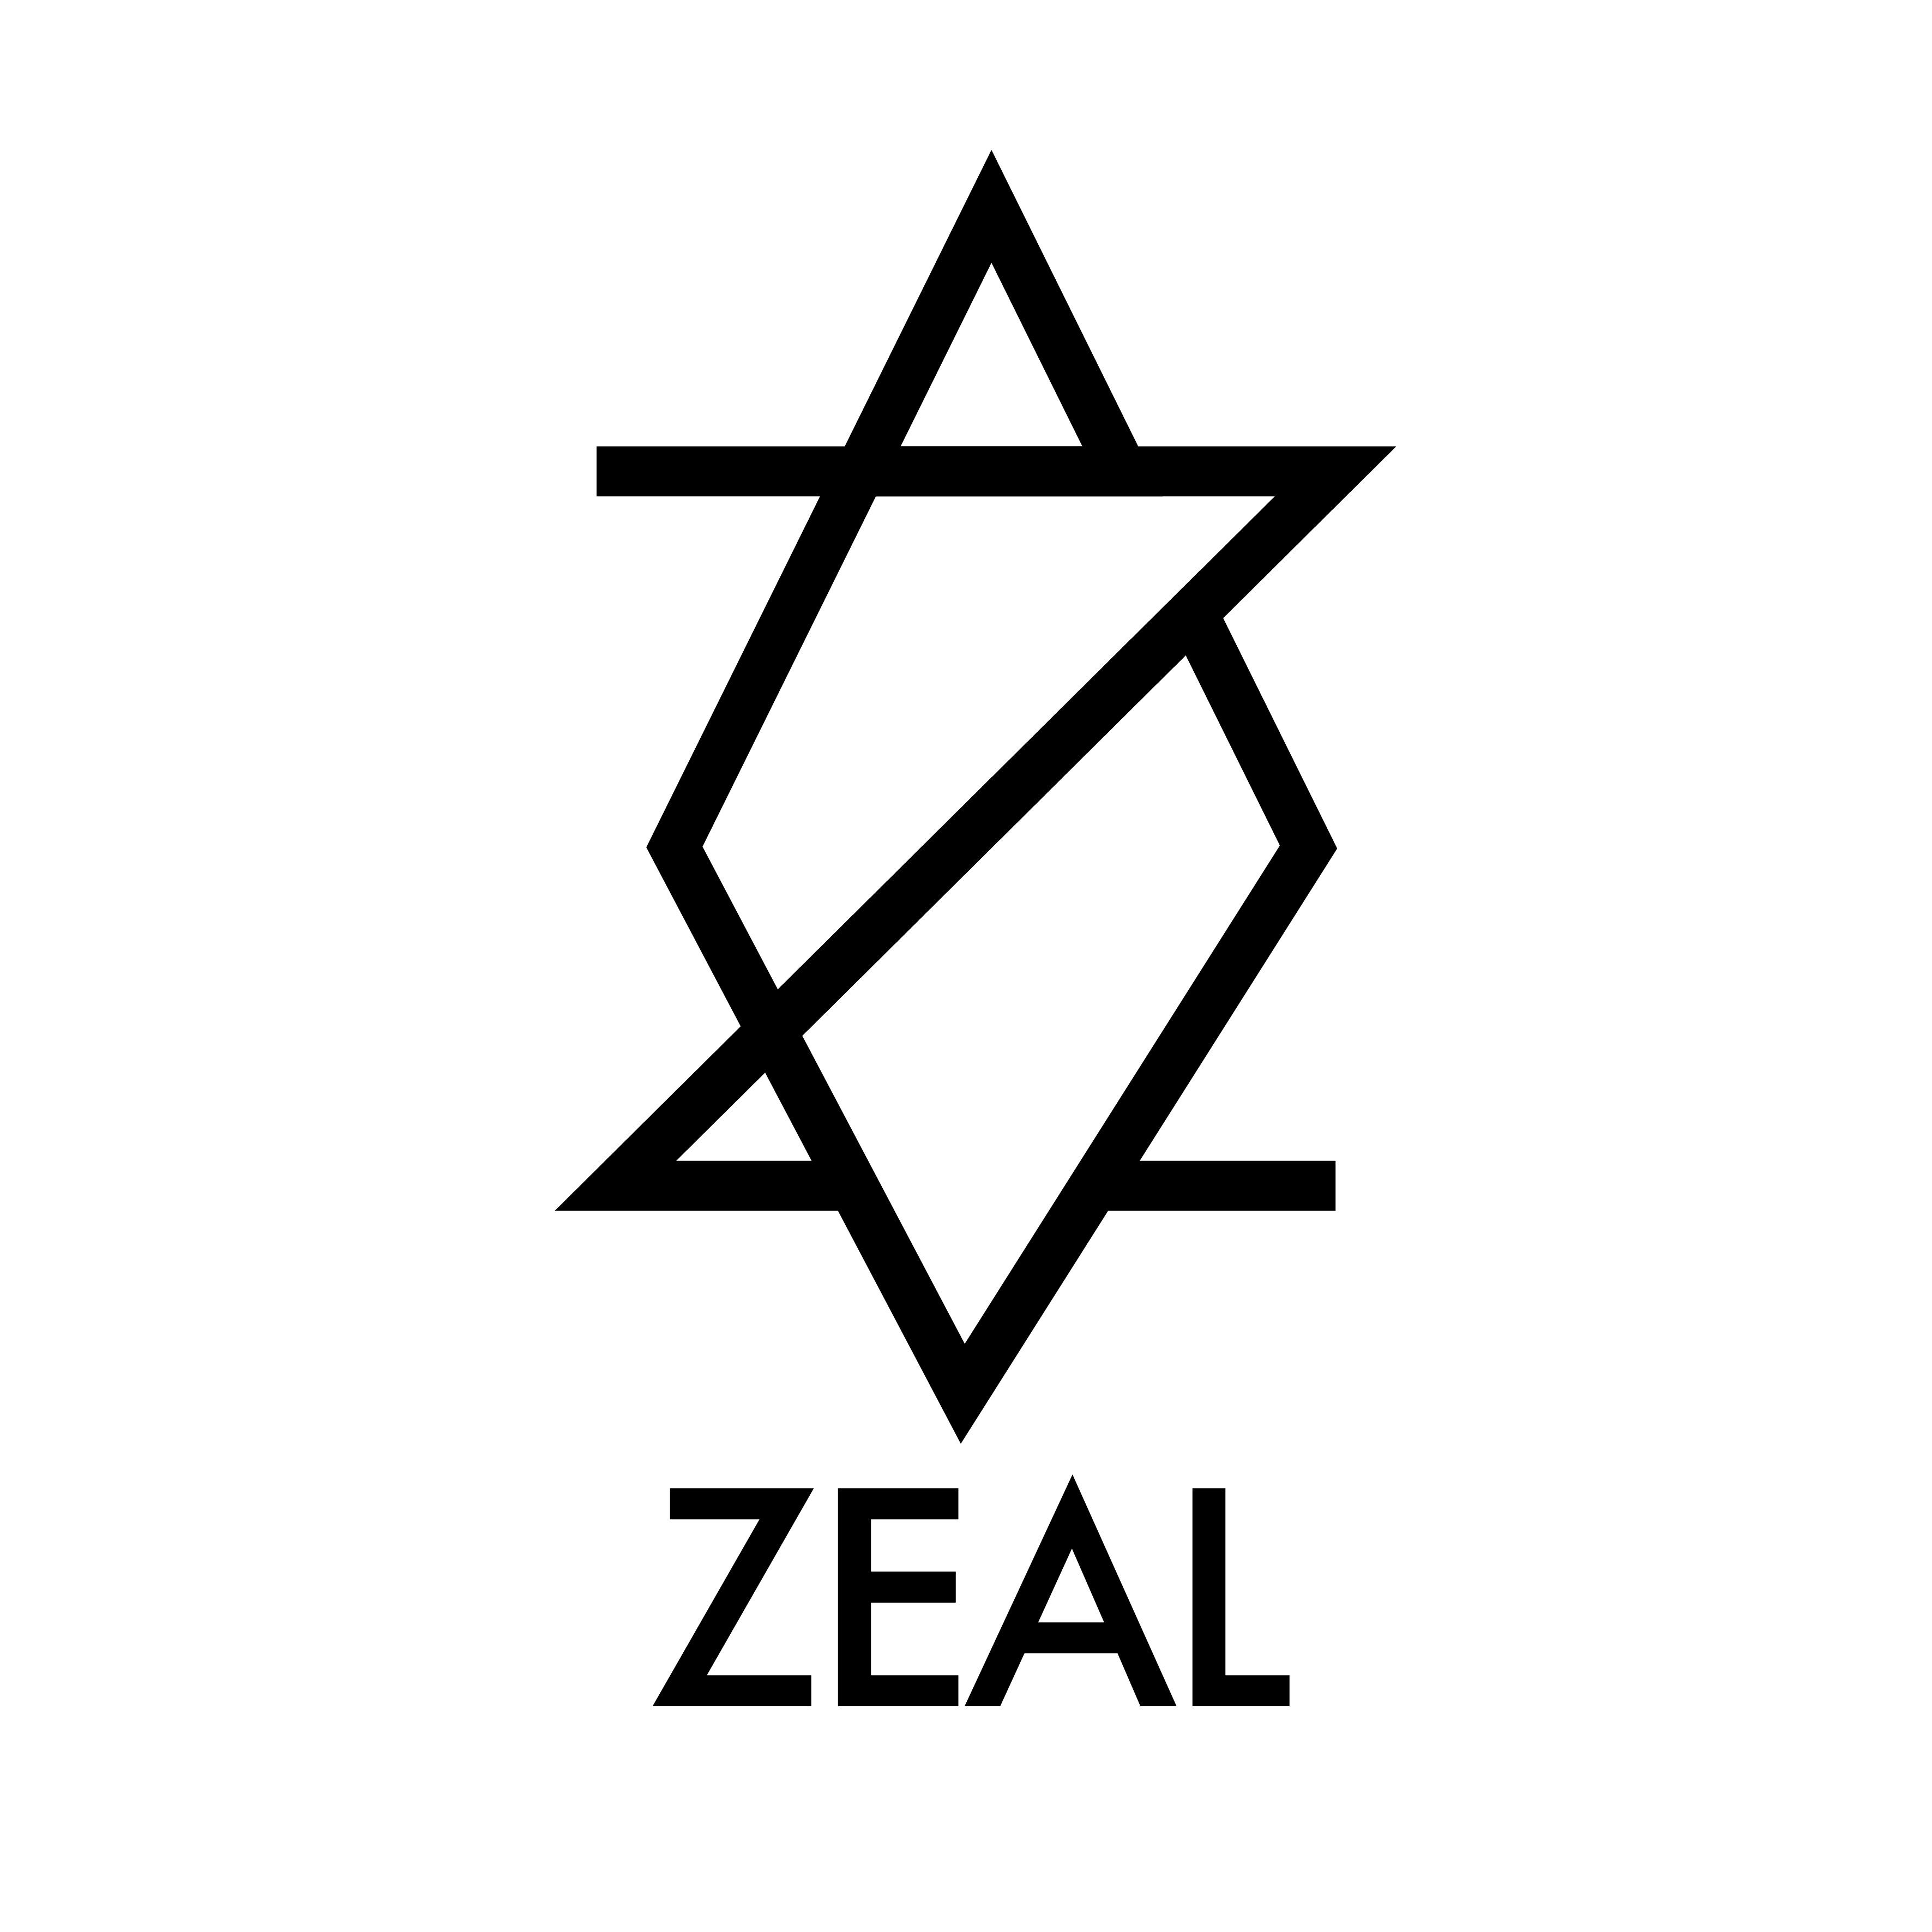 logo-zeal-bandlogo